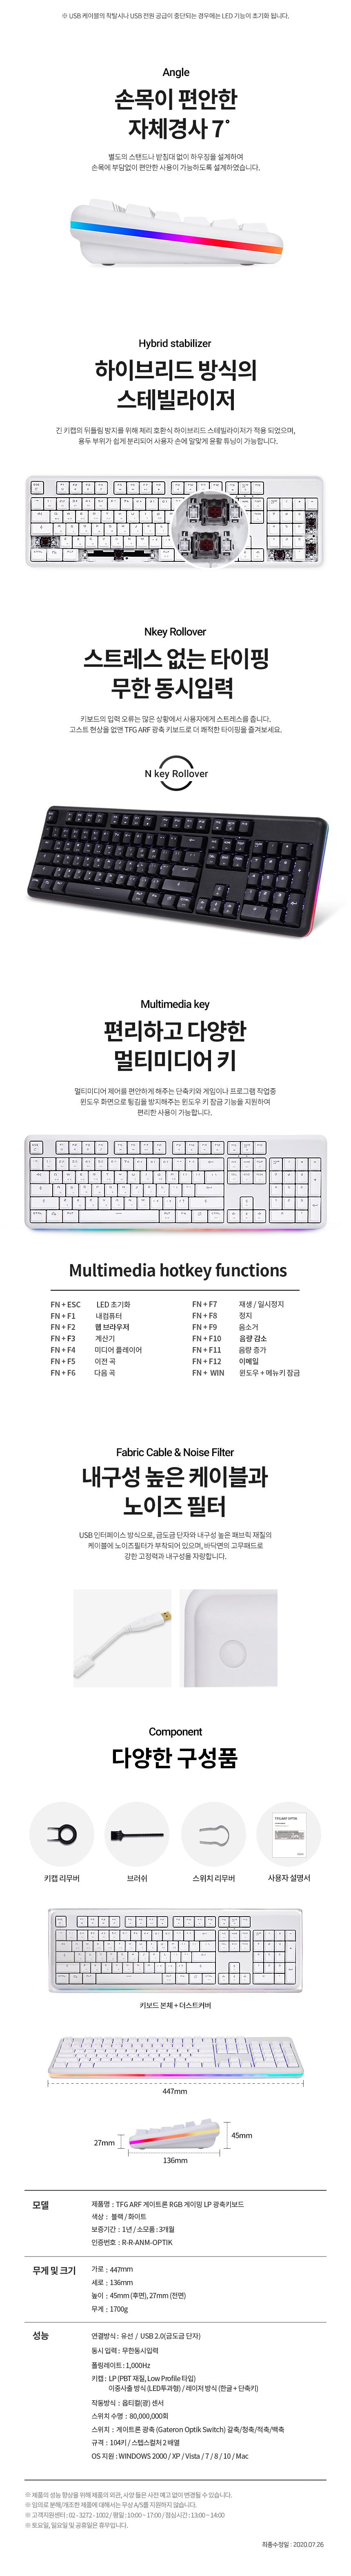 한성컴퓨터 TFG ARF 게이트론 RGB 게이밍 LP 광축키보드 (블랙, 백축)